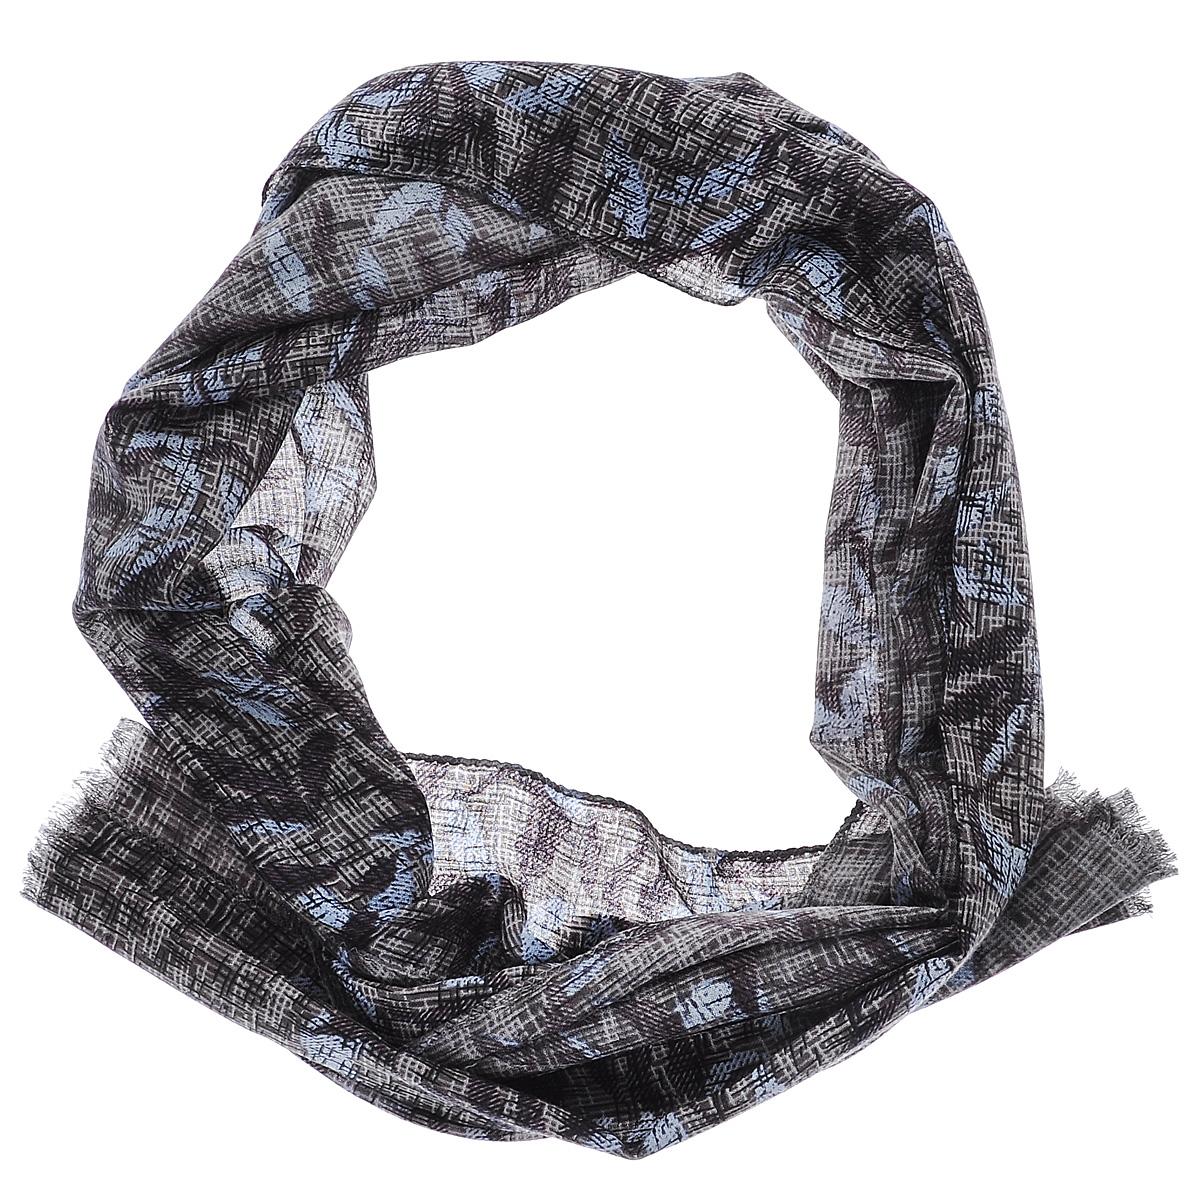 Шарф женский Moltini, цвет: серо-коричневый, голубой. 35010-11O. Размер 50 см х 186 см35010-11OЭлегантный женский шарф Moltini подчеркнет ваш неповторимый образ. Он выполнен из мягкой натуральной шерсти и оформлен оригинальным цветочным принтом. Края шарфа декорированы тонкой бахромой.Этот модный аксессуар женского гардероба гармонично дополнит образ современной женщины, следящей за своим имиджем и стремящейся всегда оставаться стильной и женственной.